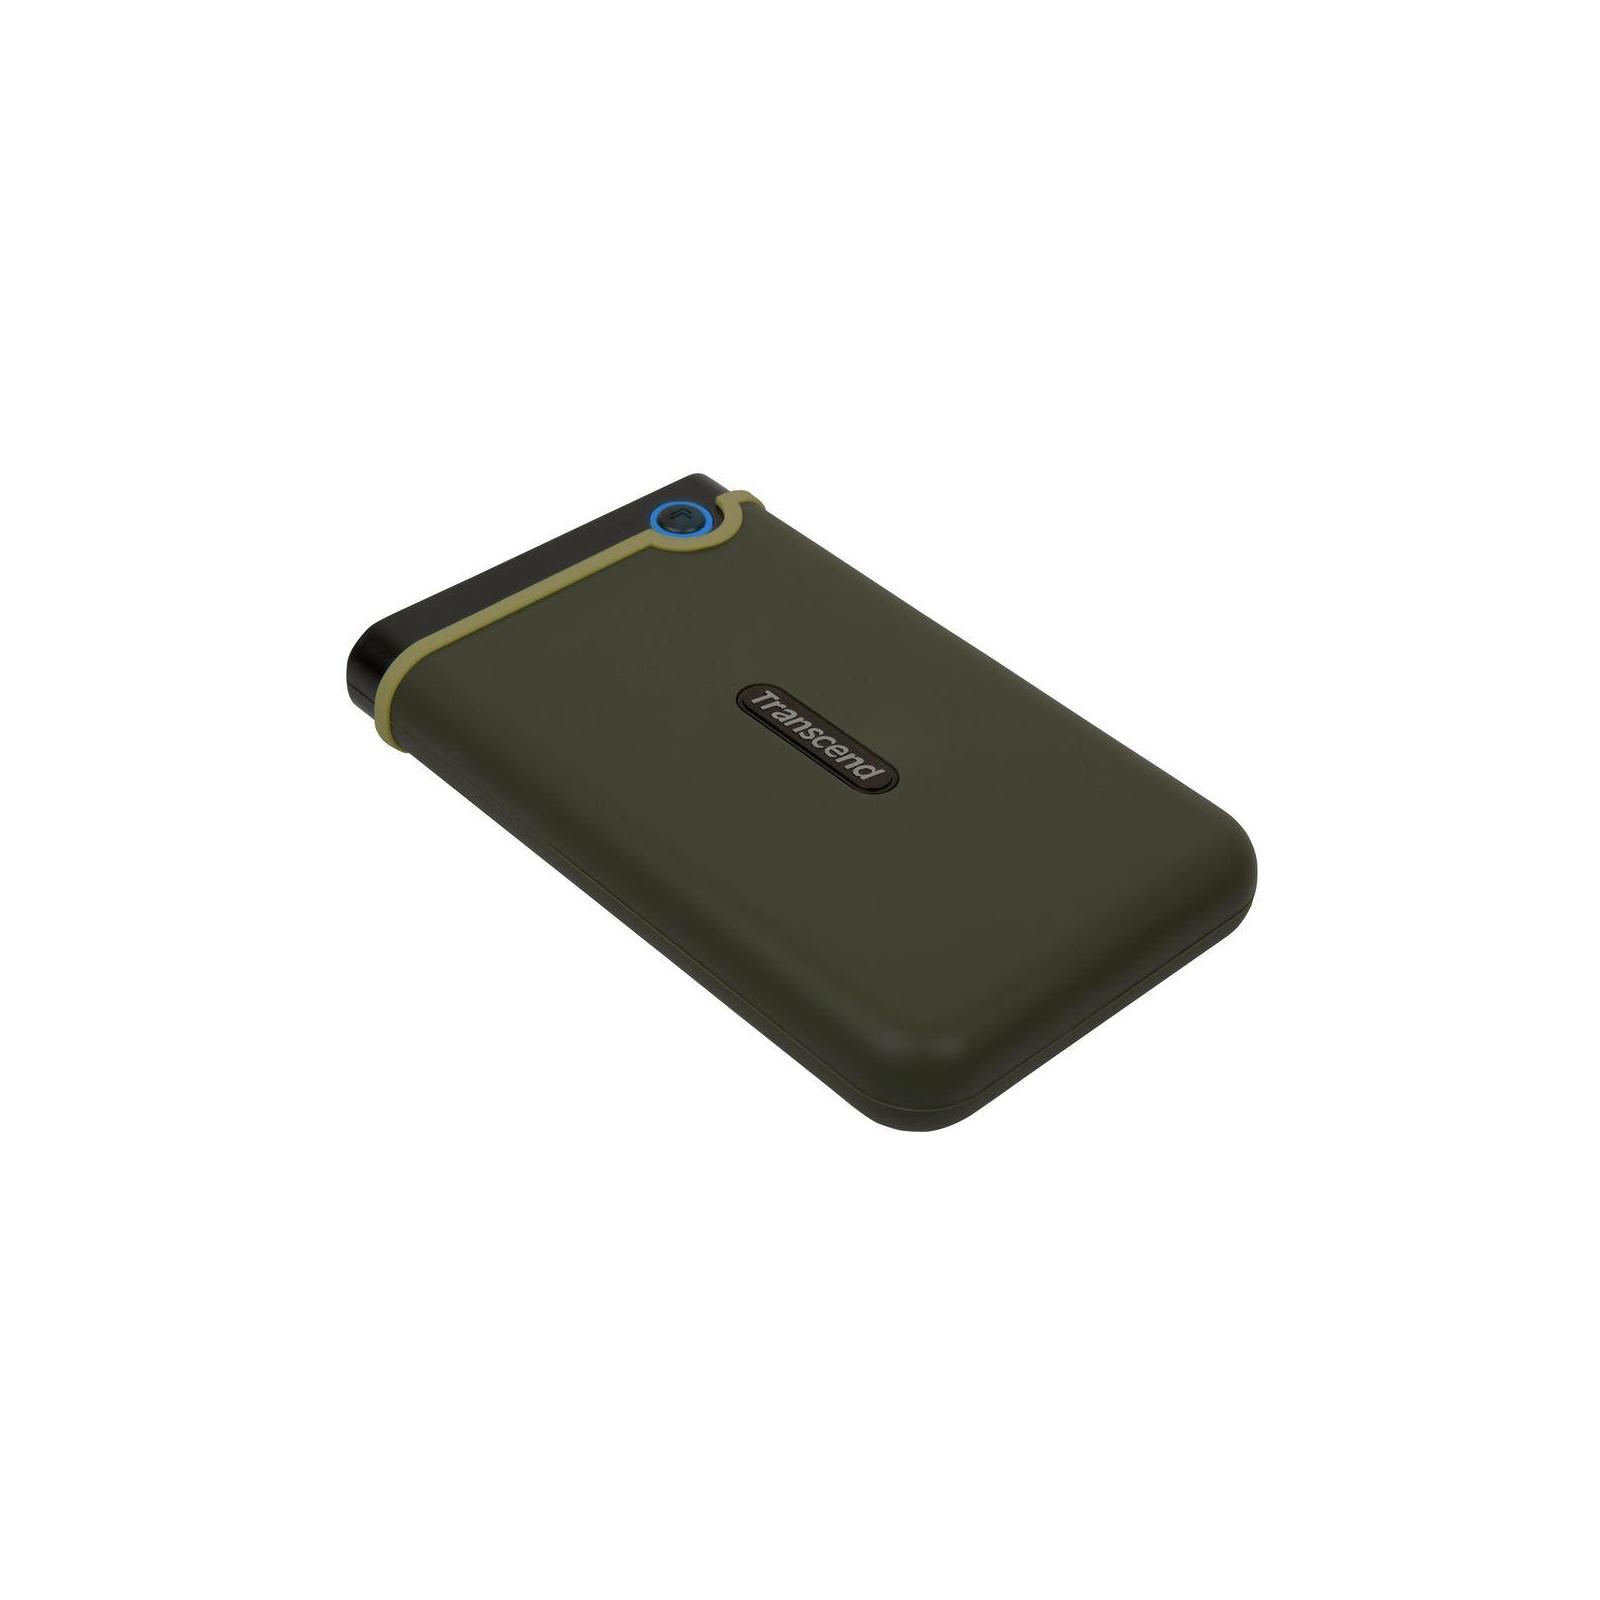 """Внешний жесткий диск 2.5"""" 500GB Transcend (TS500GSJ25M3S) изображение 5"""